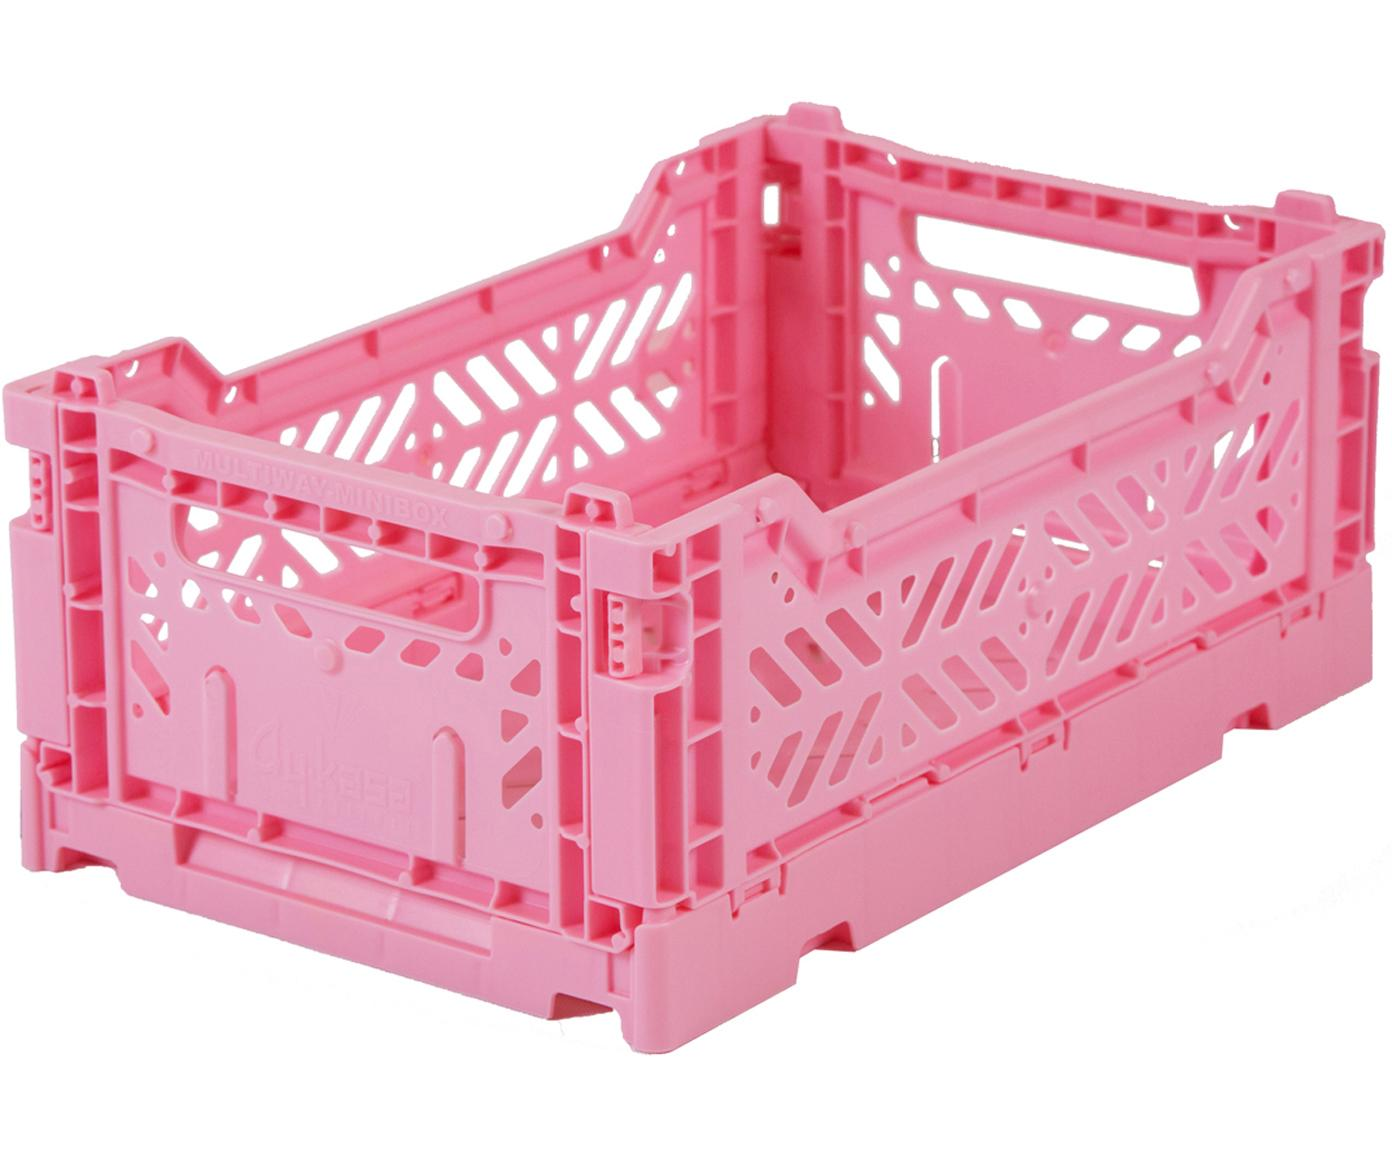 Caja pegable apilable Pink, pequeña, Plástico reciclado, Rosa, An 27 x Al 11 cm